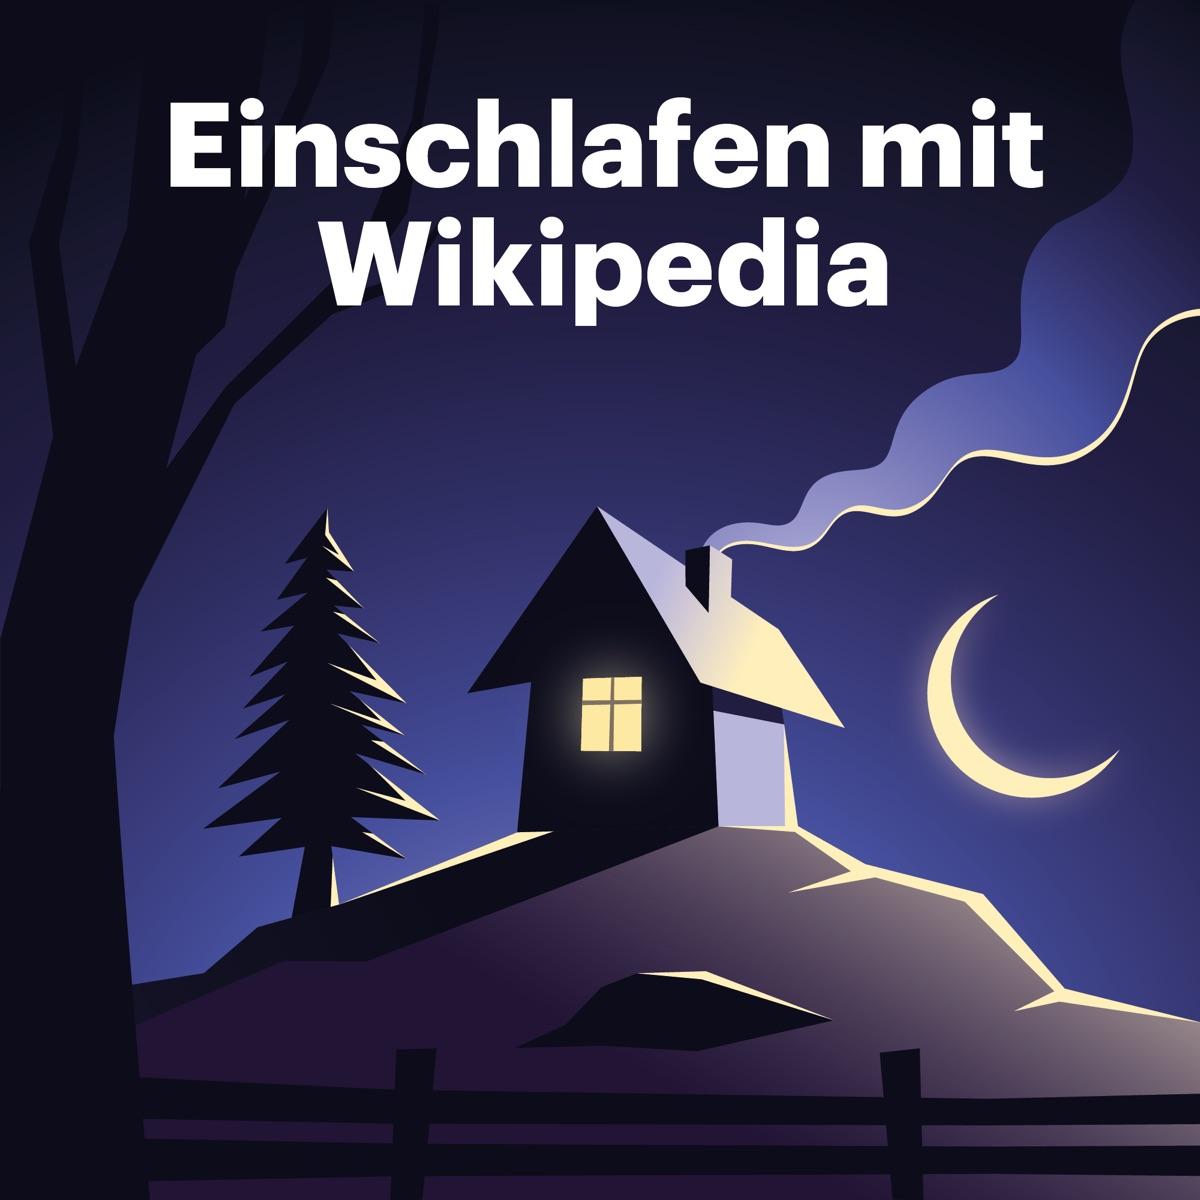 Einschlafen mit Wikipedia